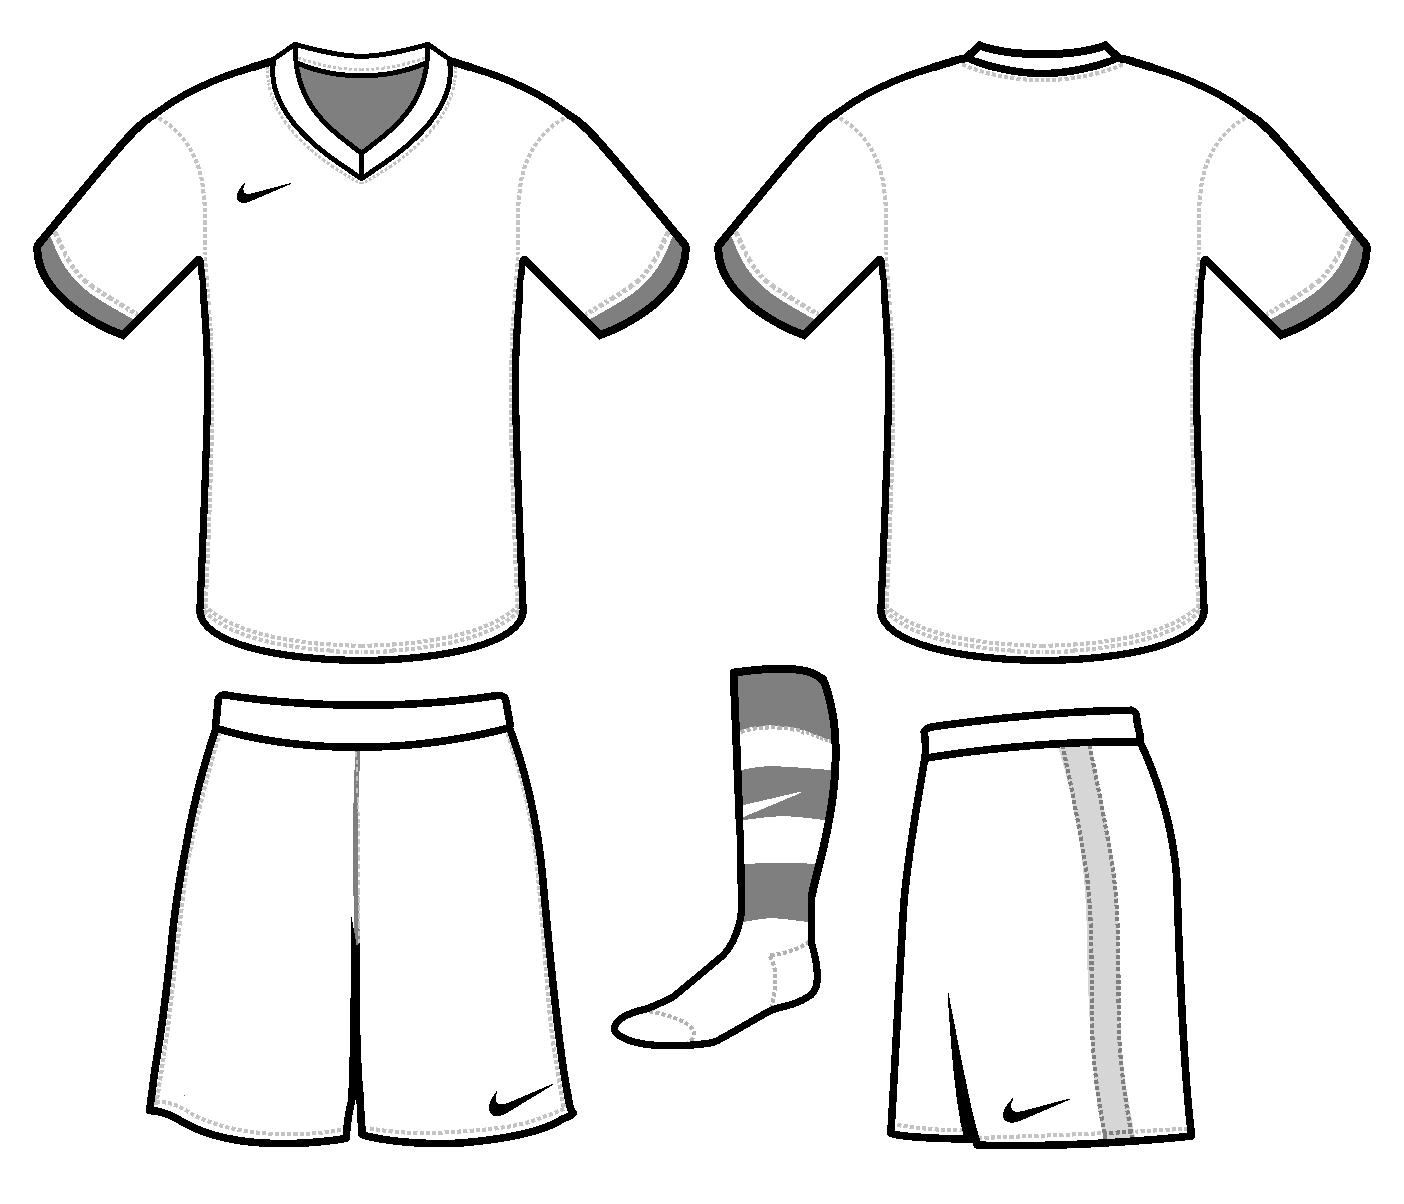 Football Uniform Template Cut Out